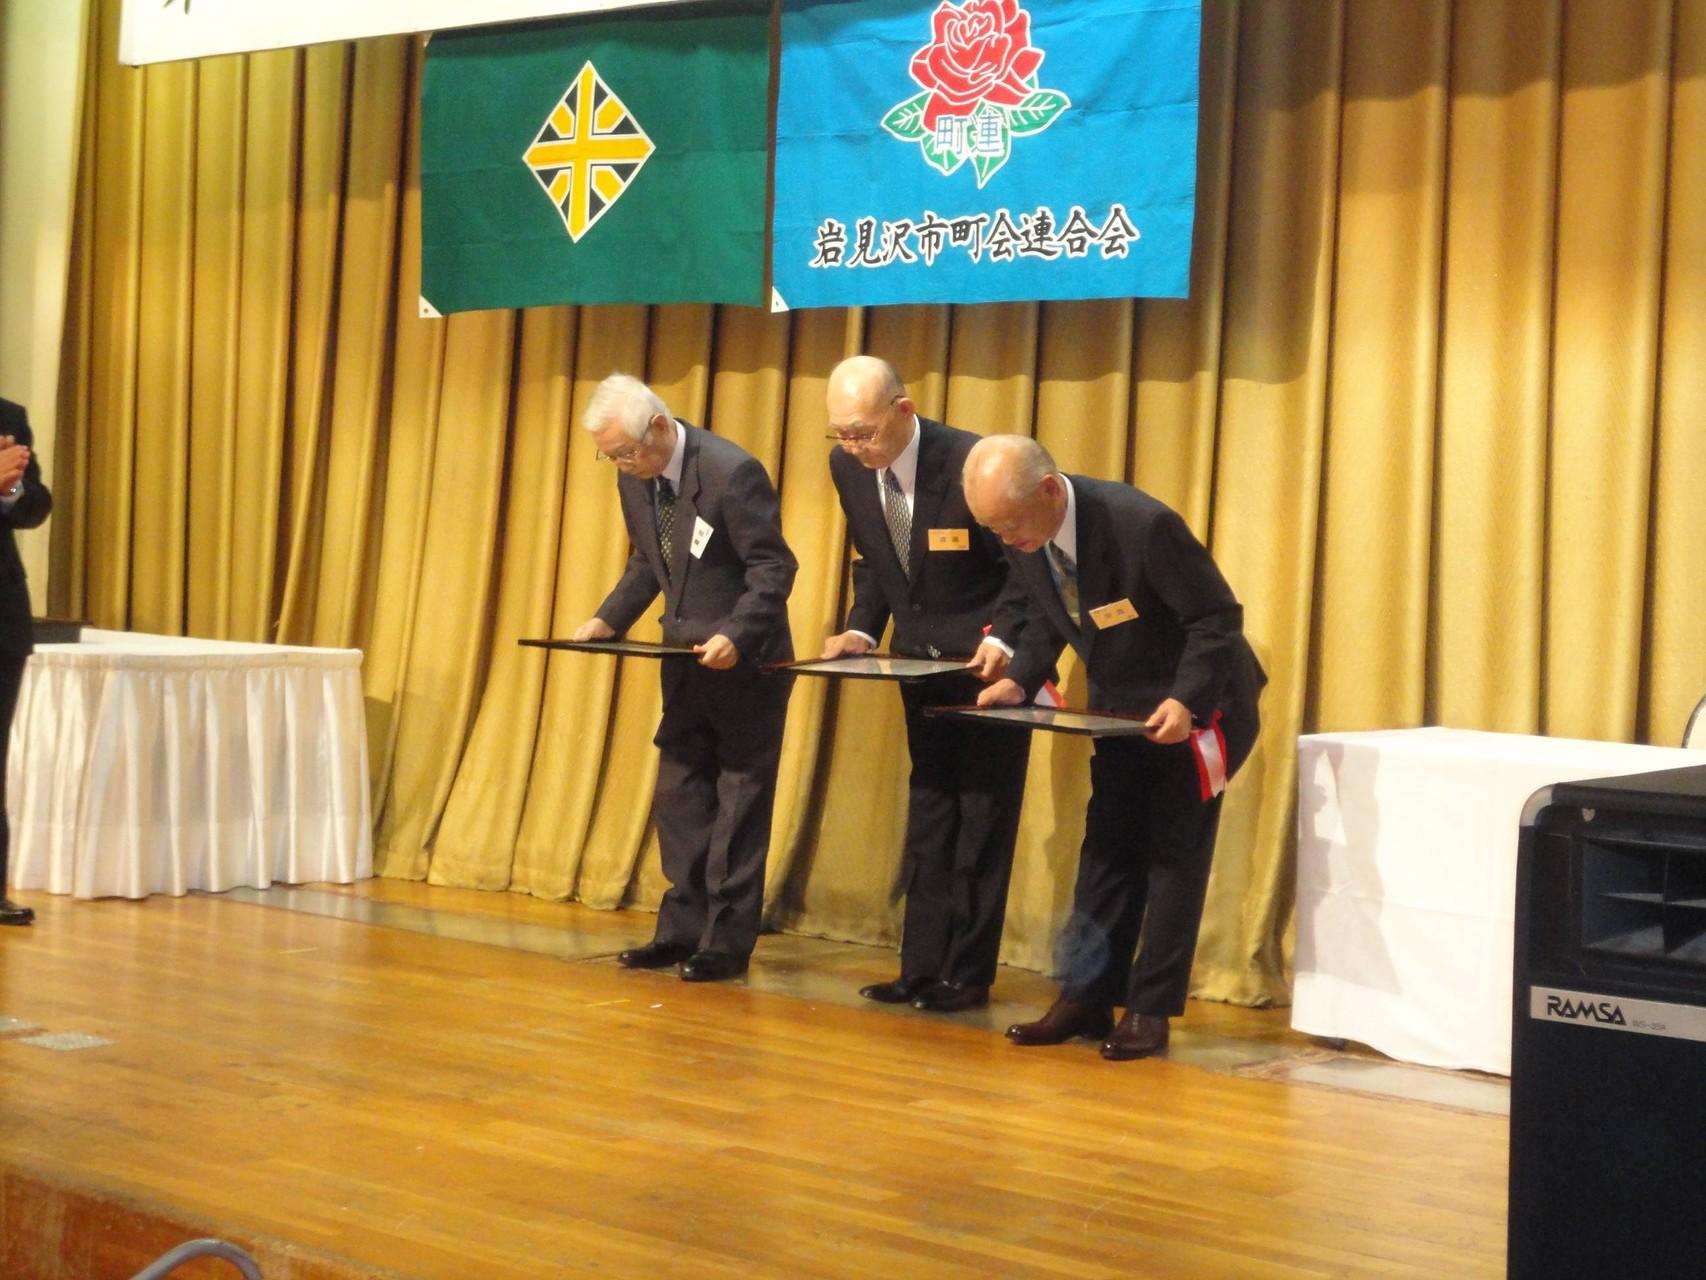 町会長及び町連役員表彰受賞者(左から藤田氏、渡邊氏、安田氏)